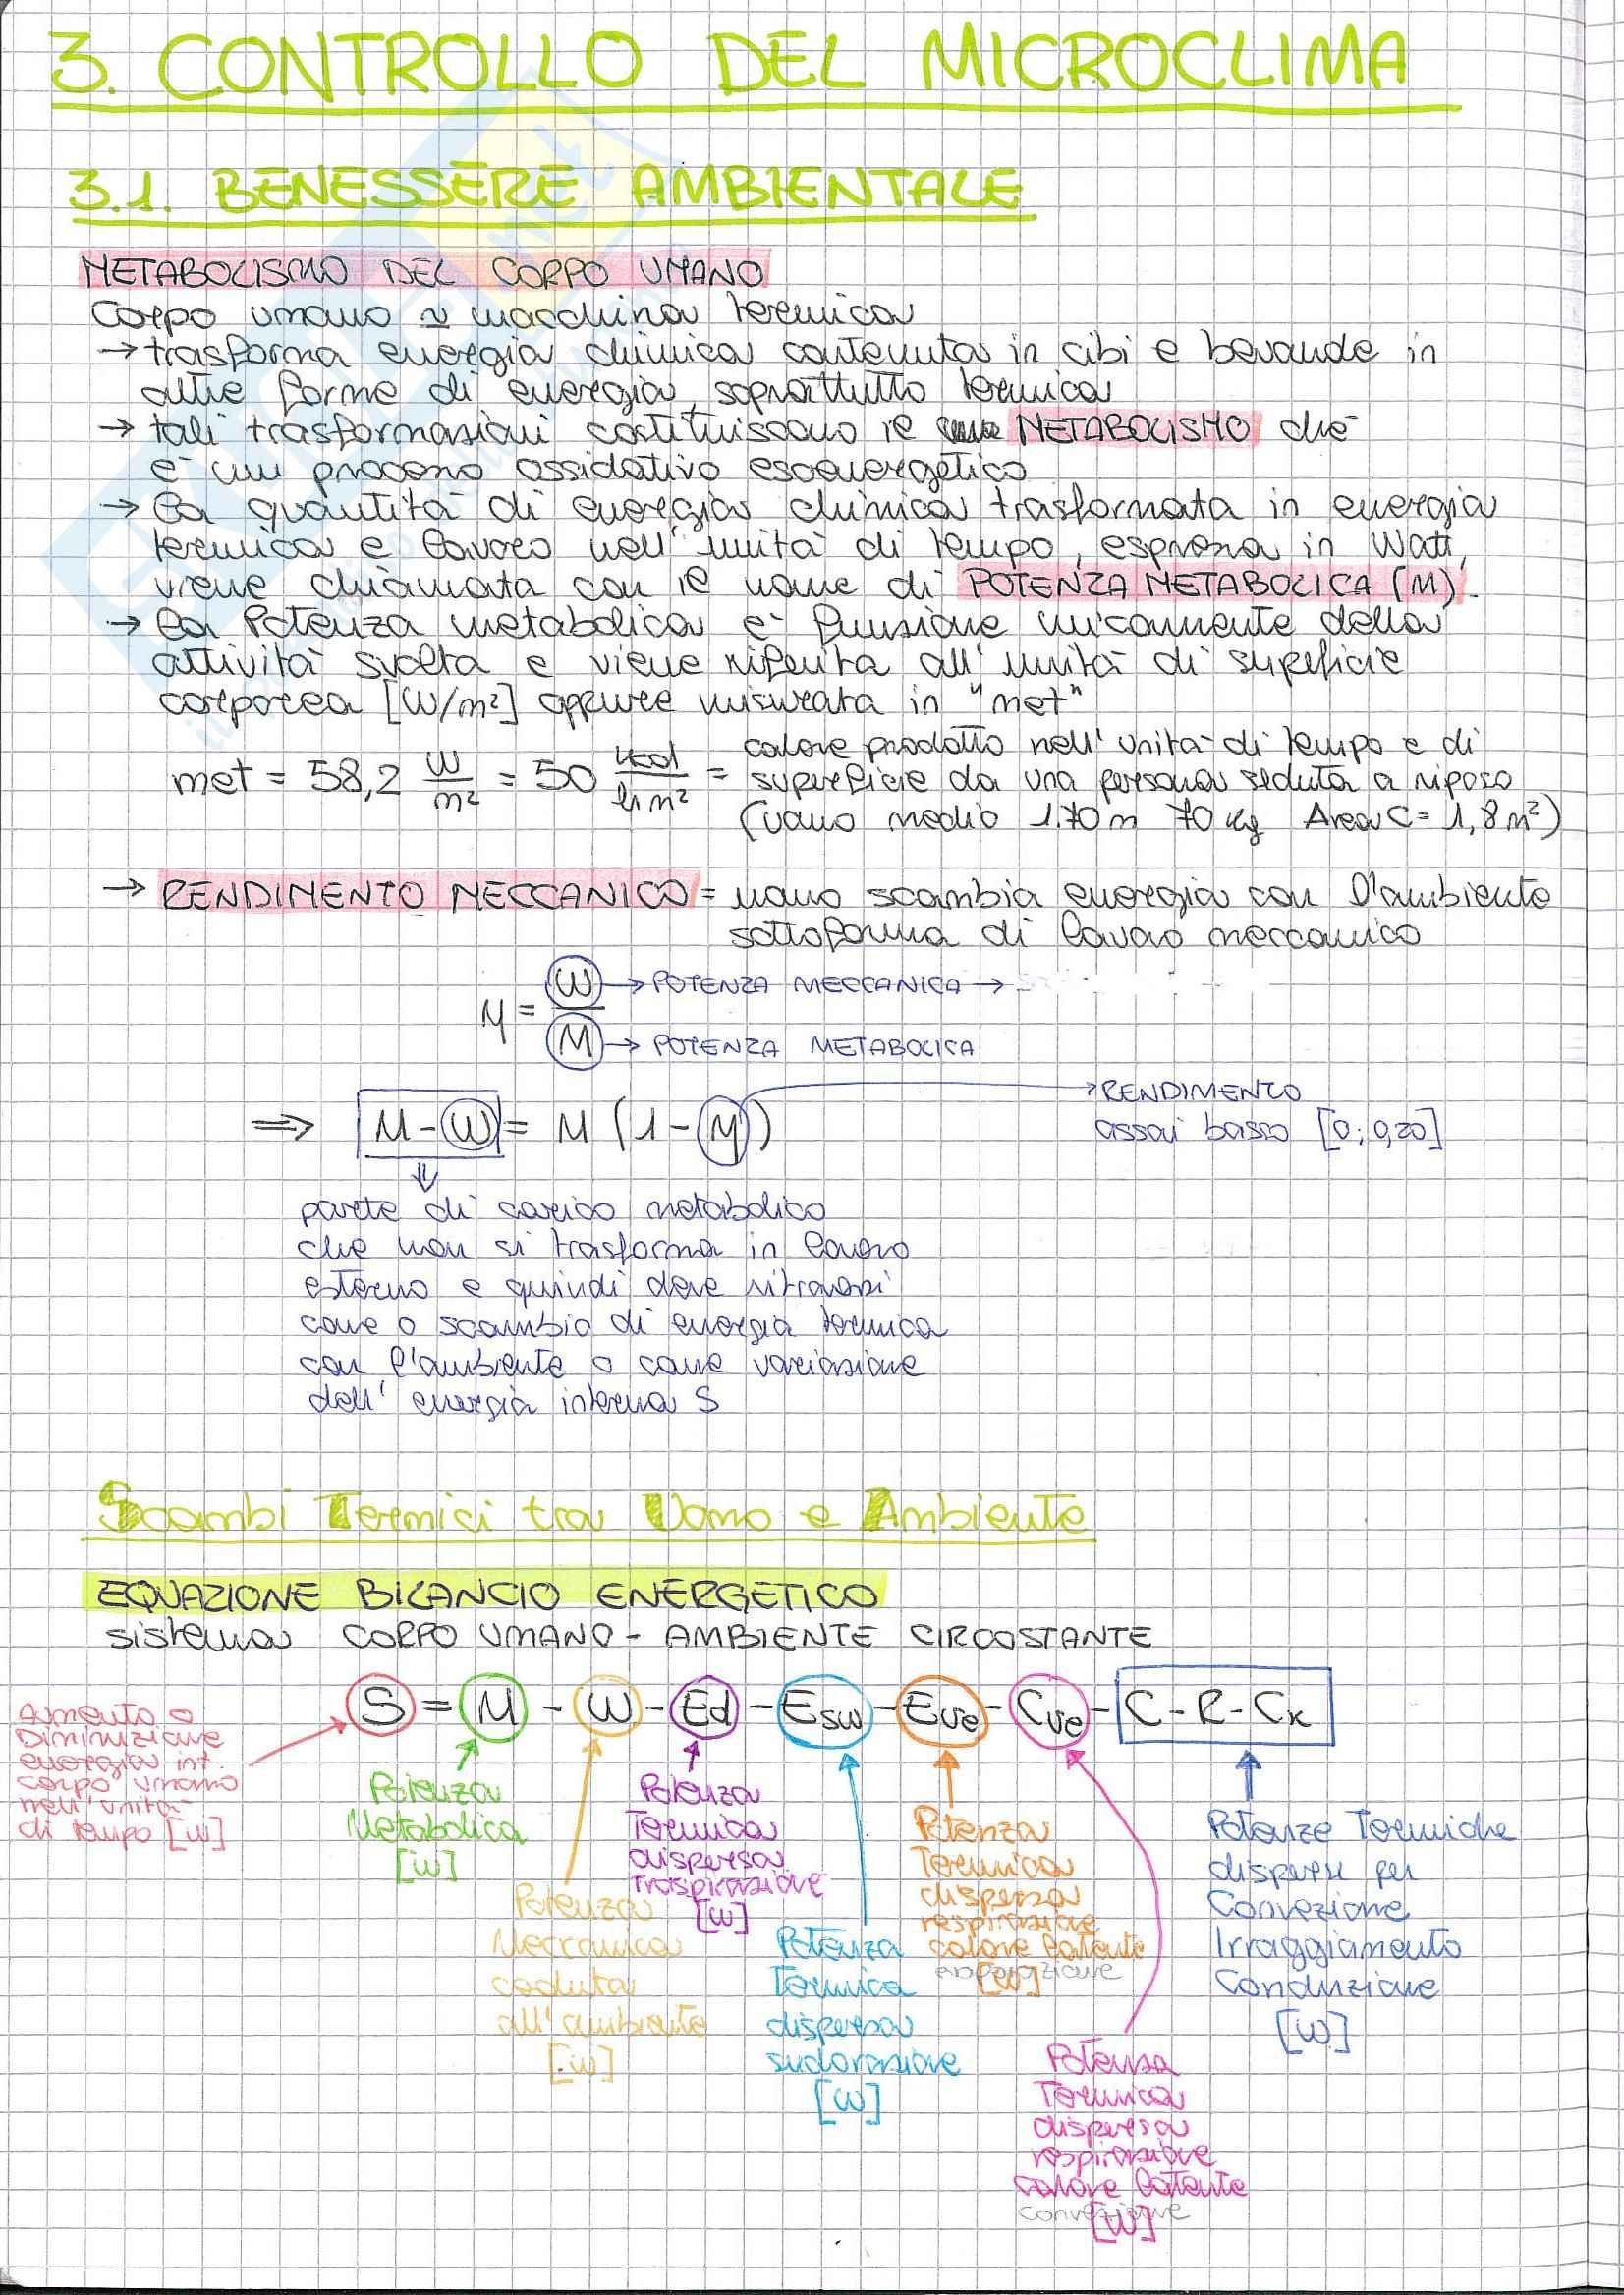 Riassunto esame Fisica Tecnica Ambientale, libro consigliato Benessere termico e qualità dell'aria interna, Moncada, lo Giudice, Coppi: Controllo del microclima